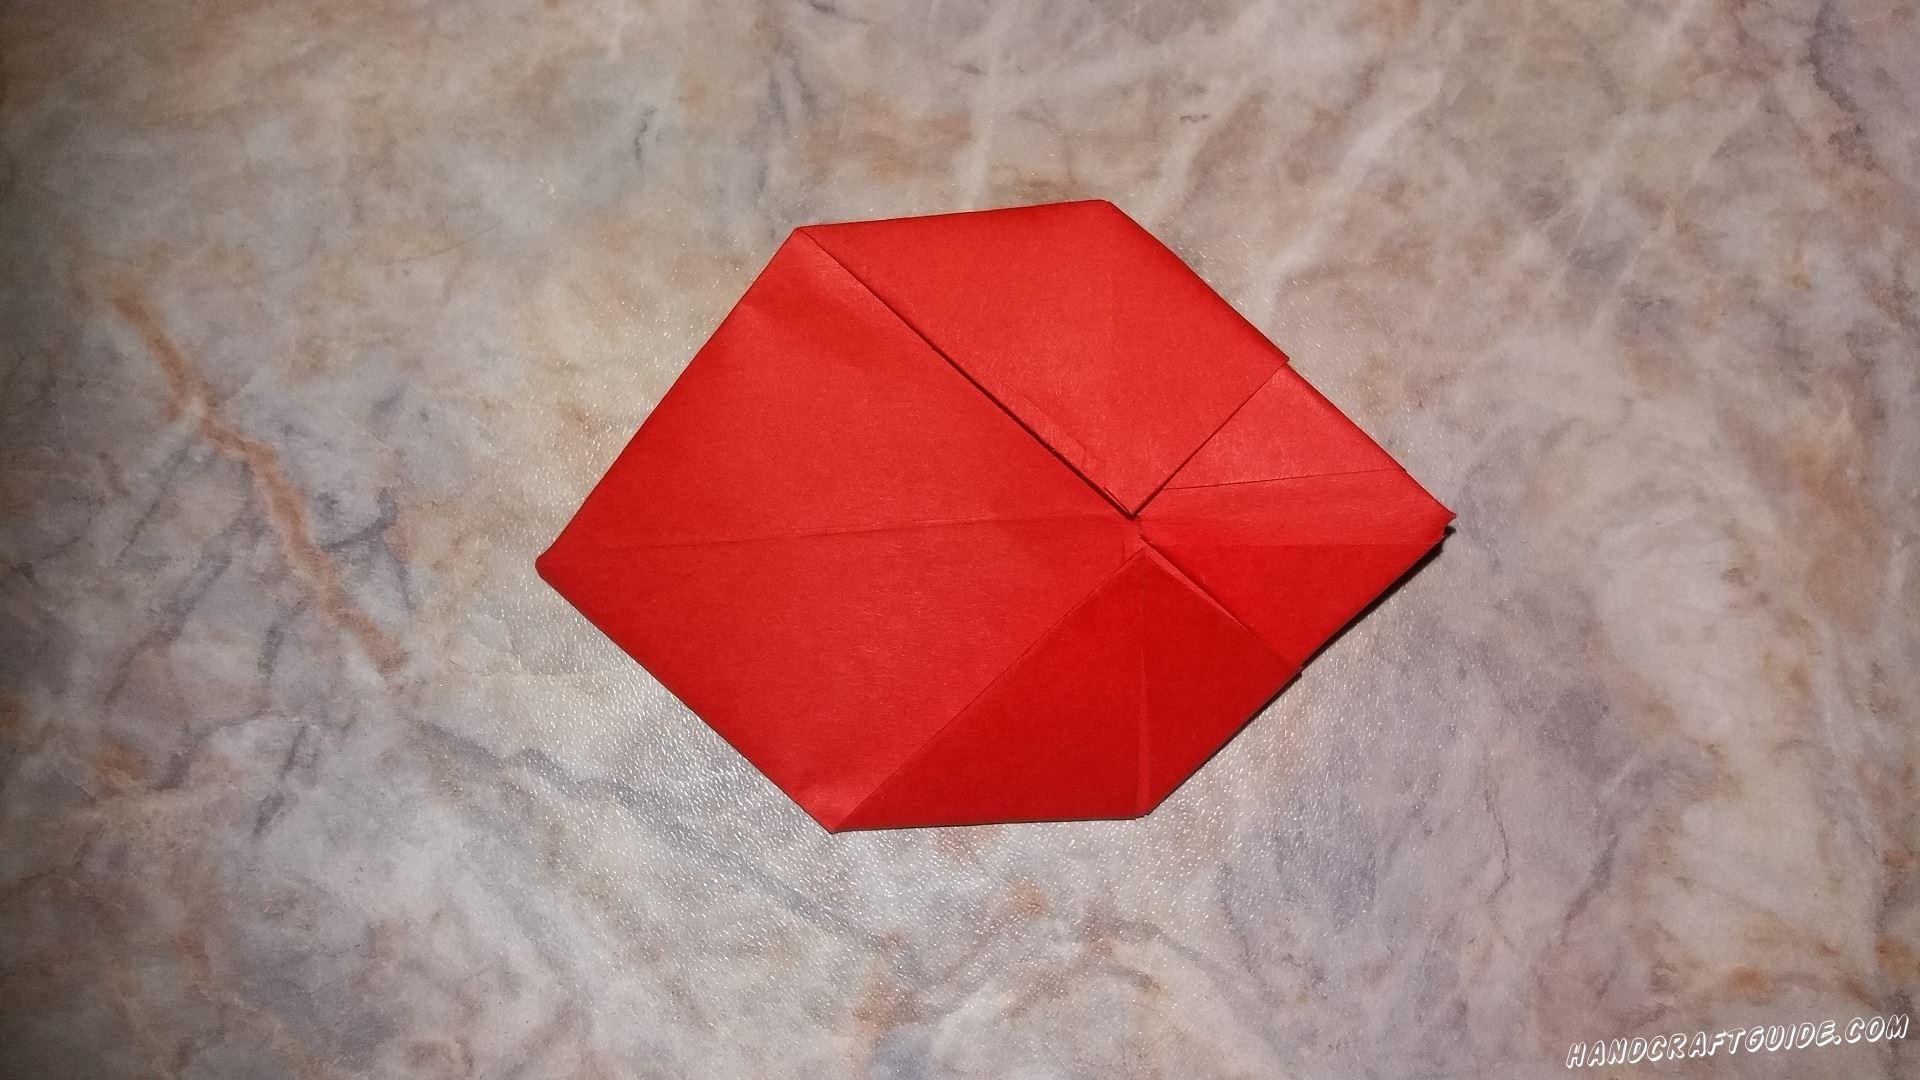 Ещё два треугольника бы отгибаем на другую сторону. Загибаем под углом назад от первого треугольника